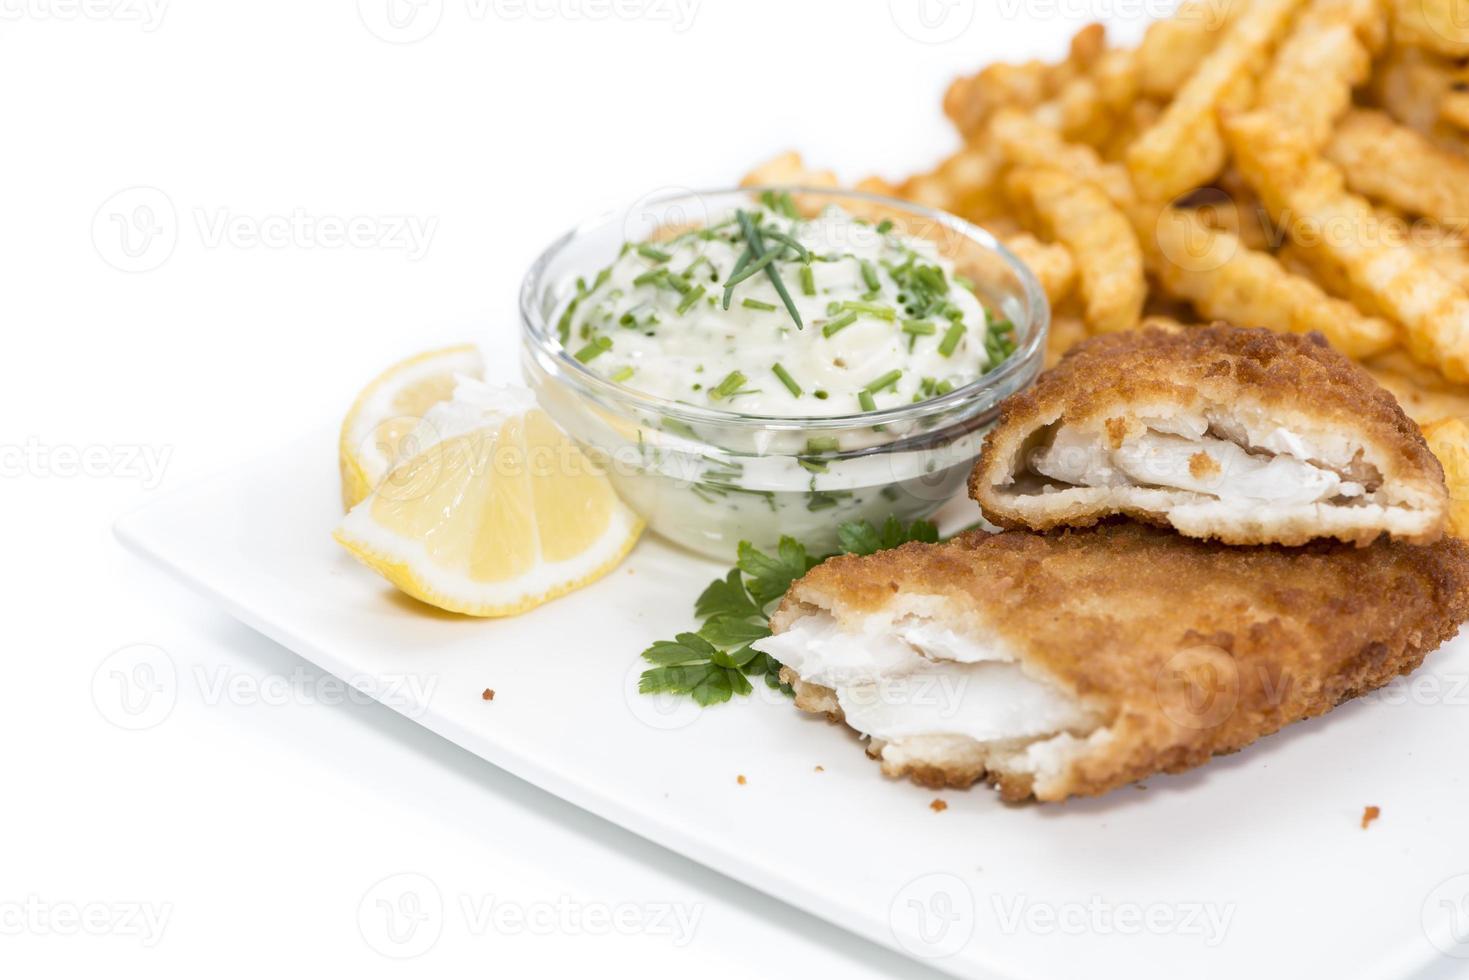 filé de salmão com batatas fritas em branco foto